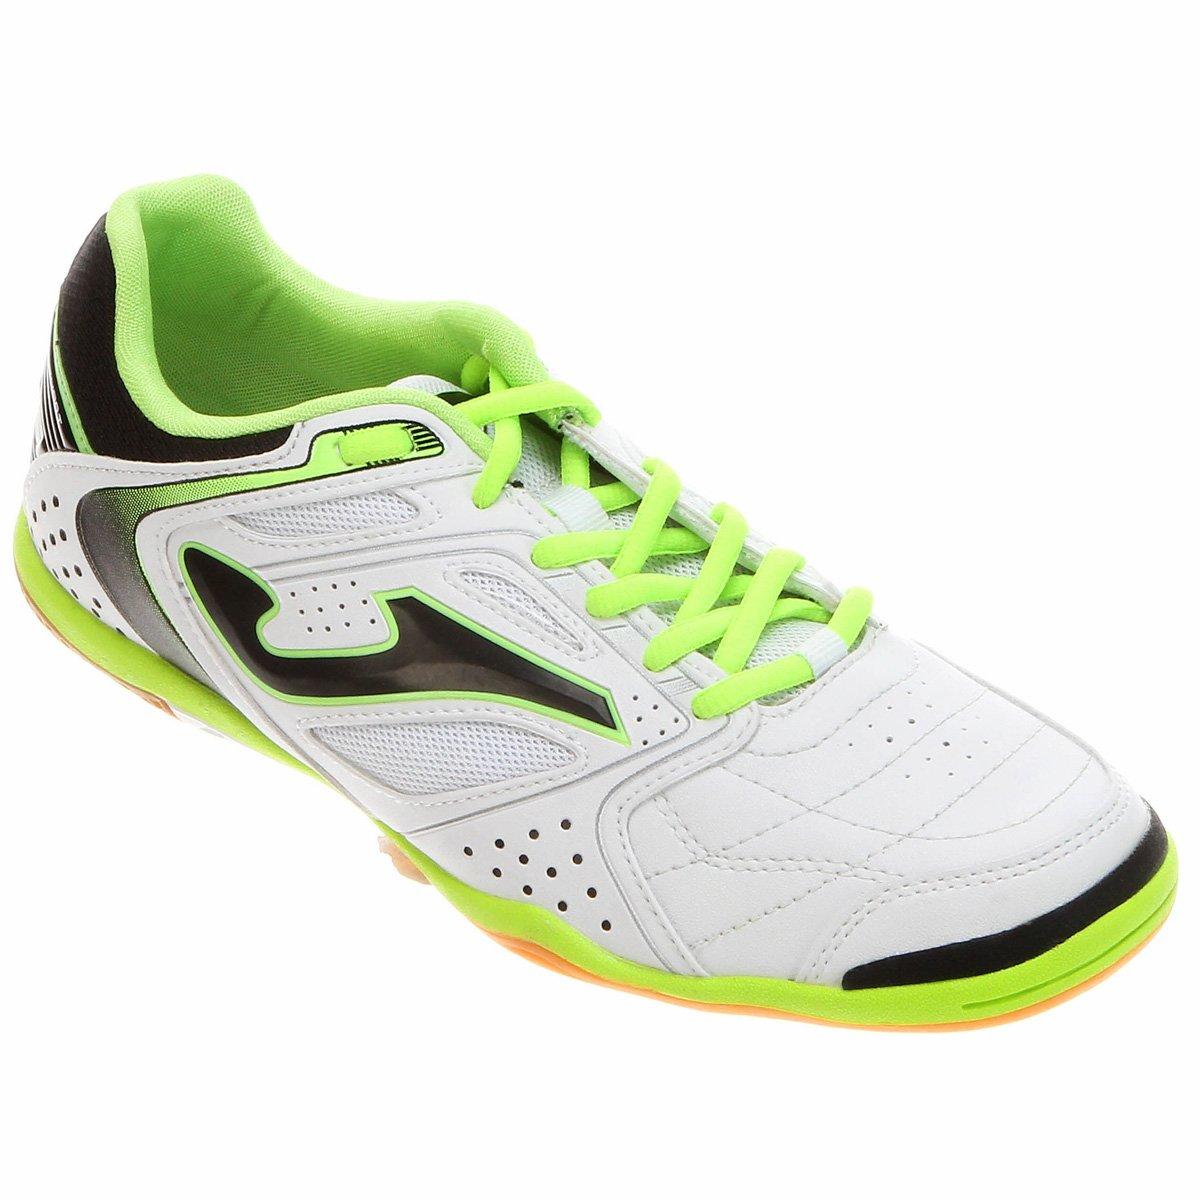 b68ecc4de9 Chuteira Joma Dribling Futsal - Compre Agora